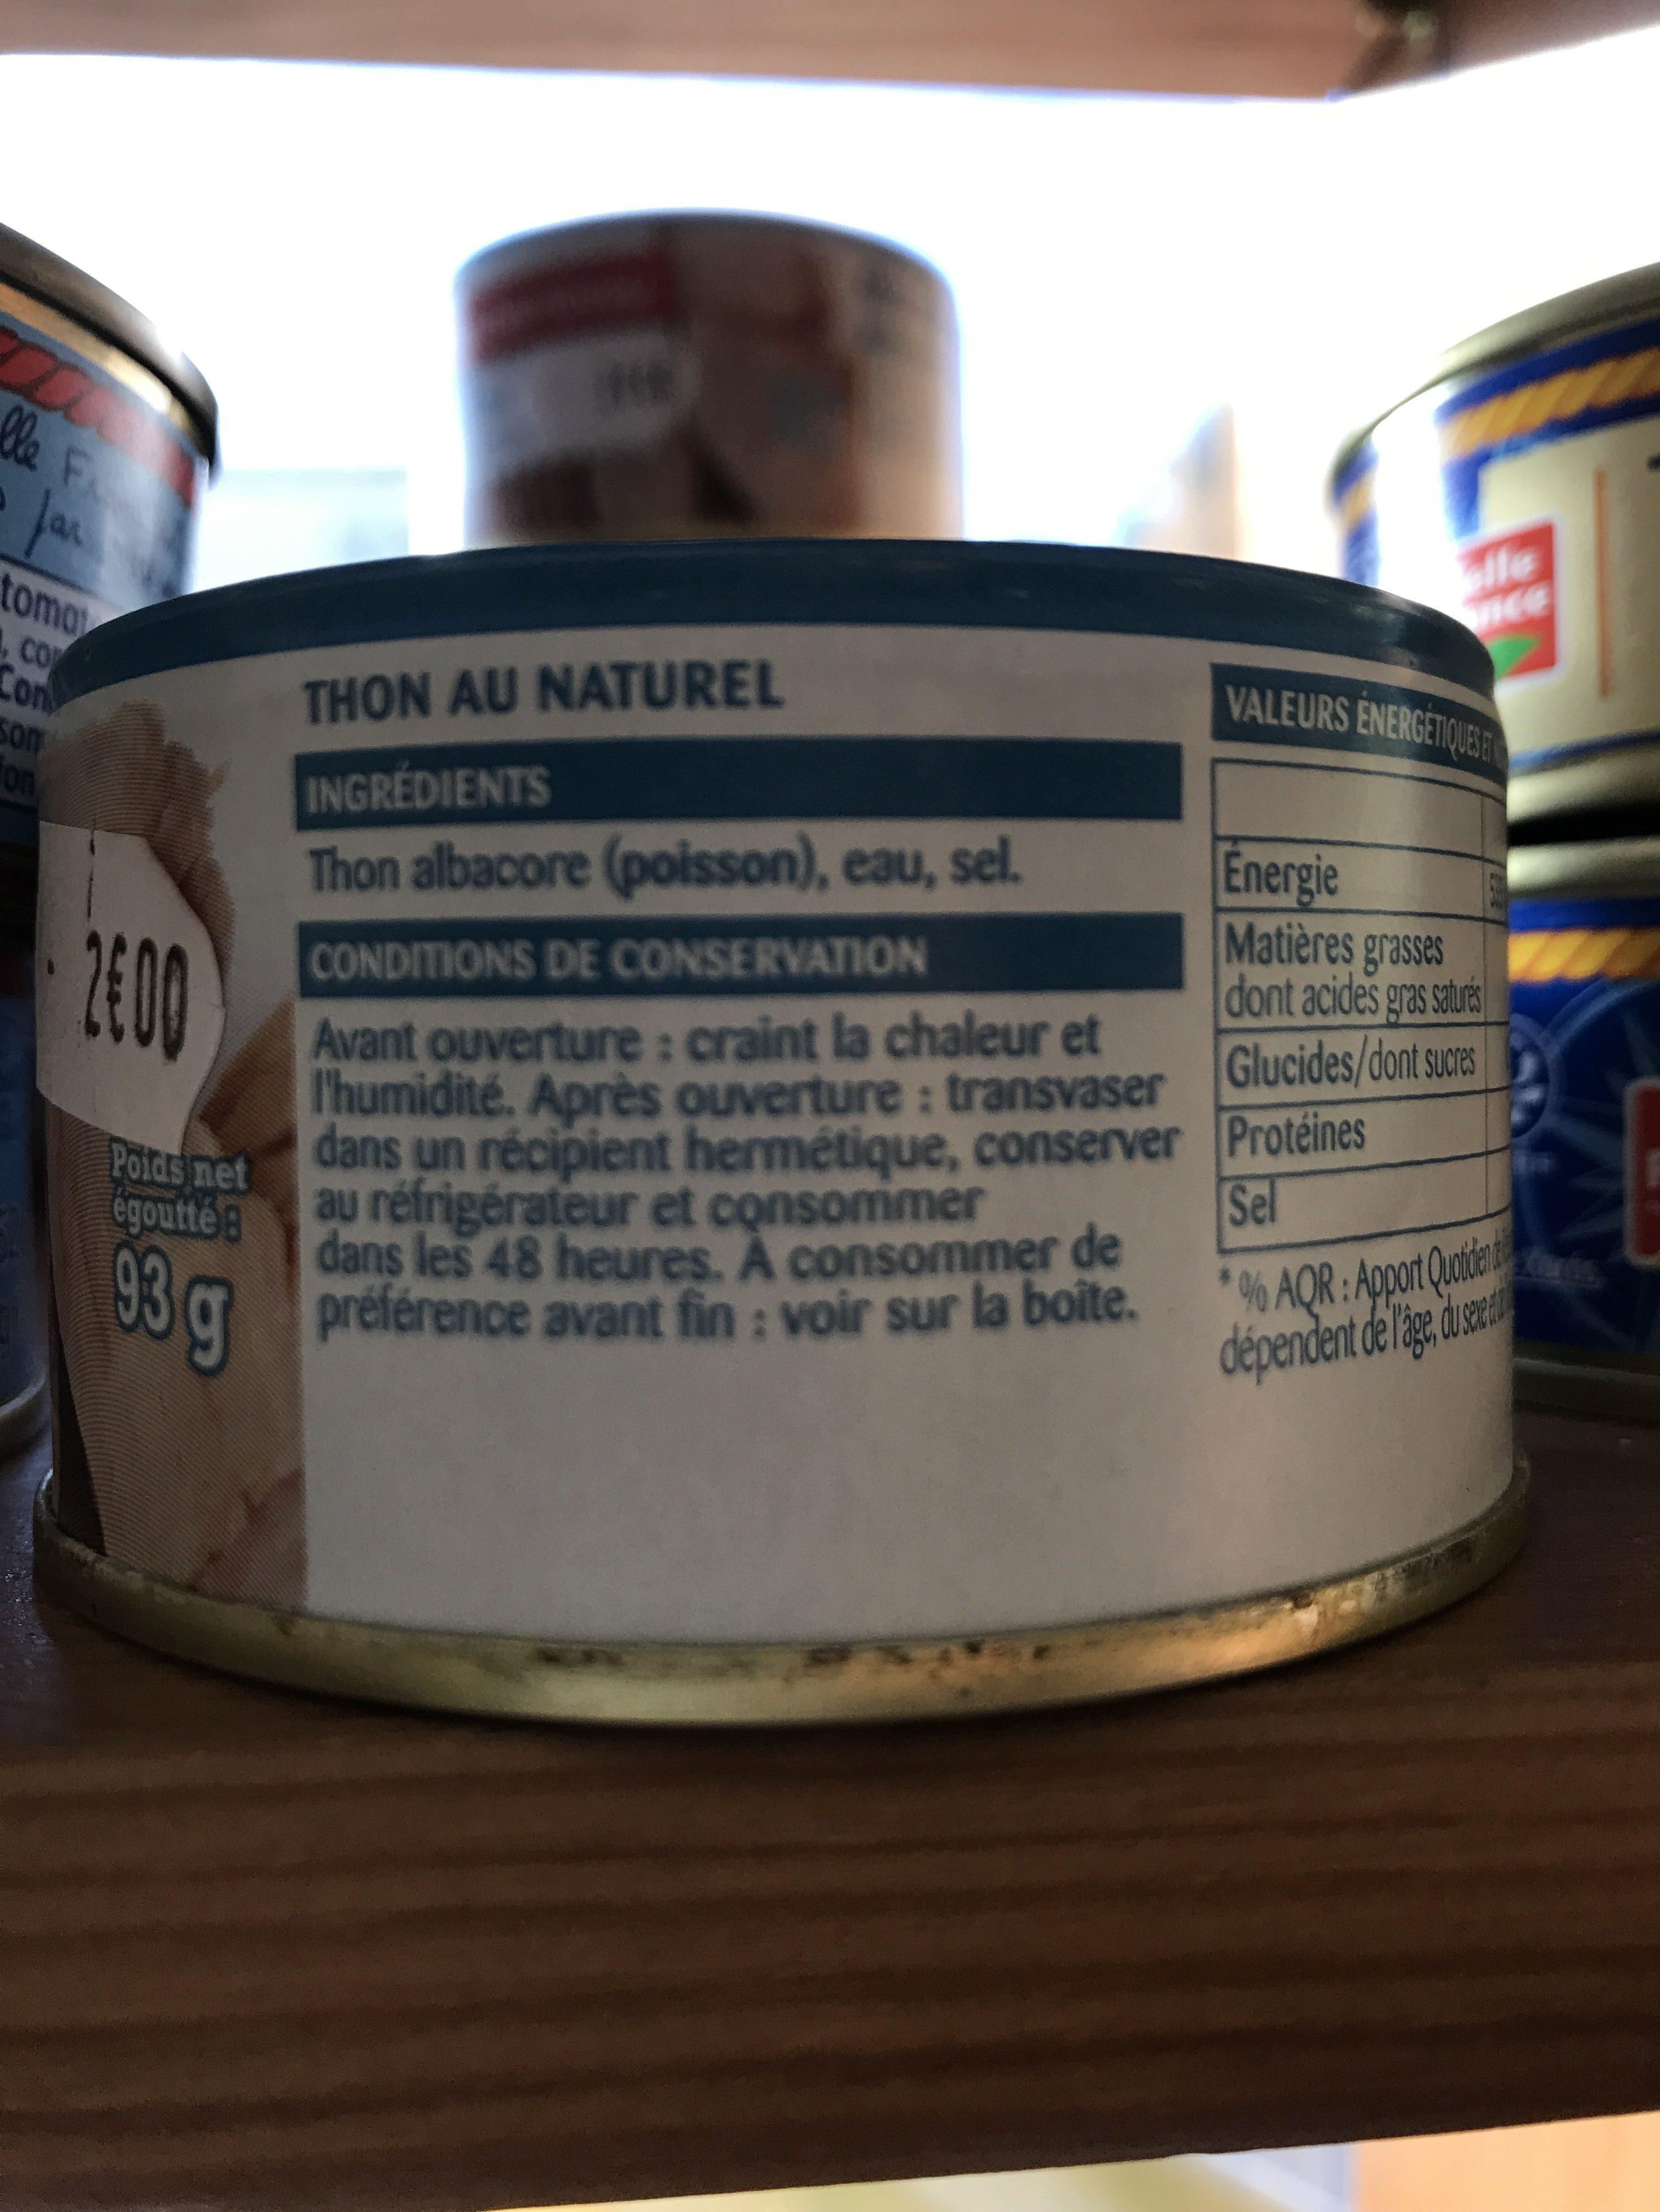 Thon albacore au naturel - Ingredients